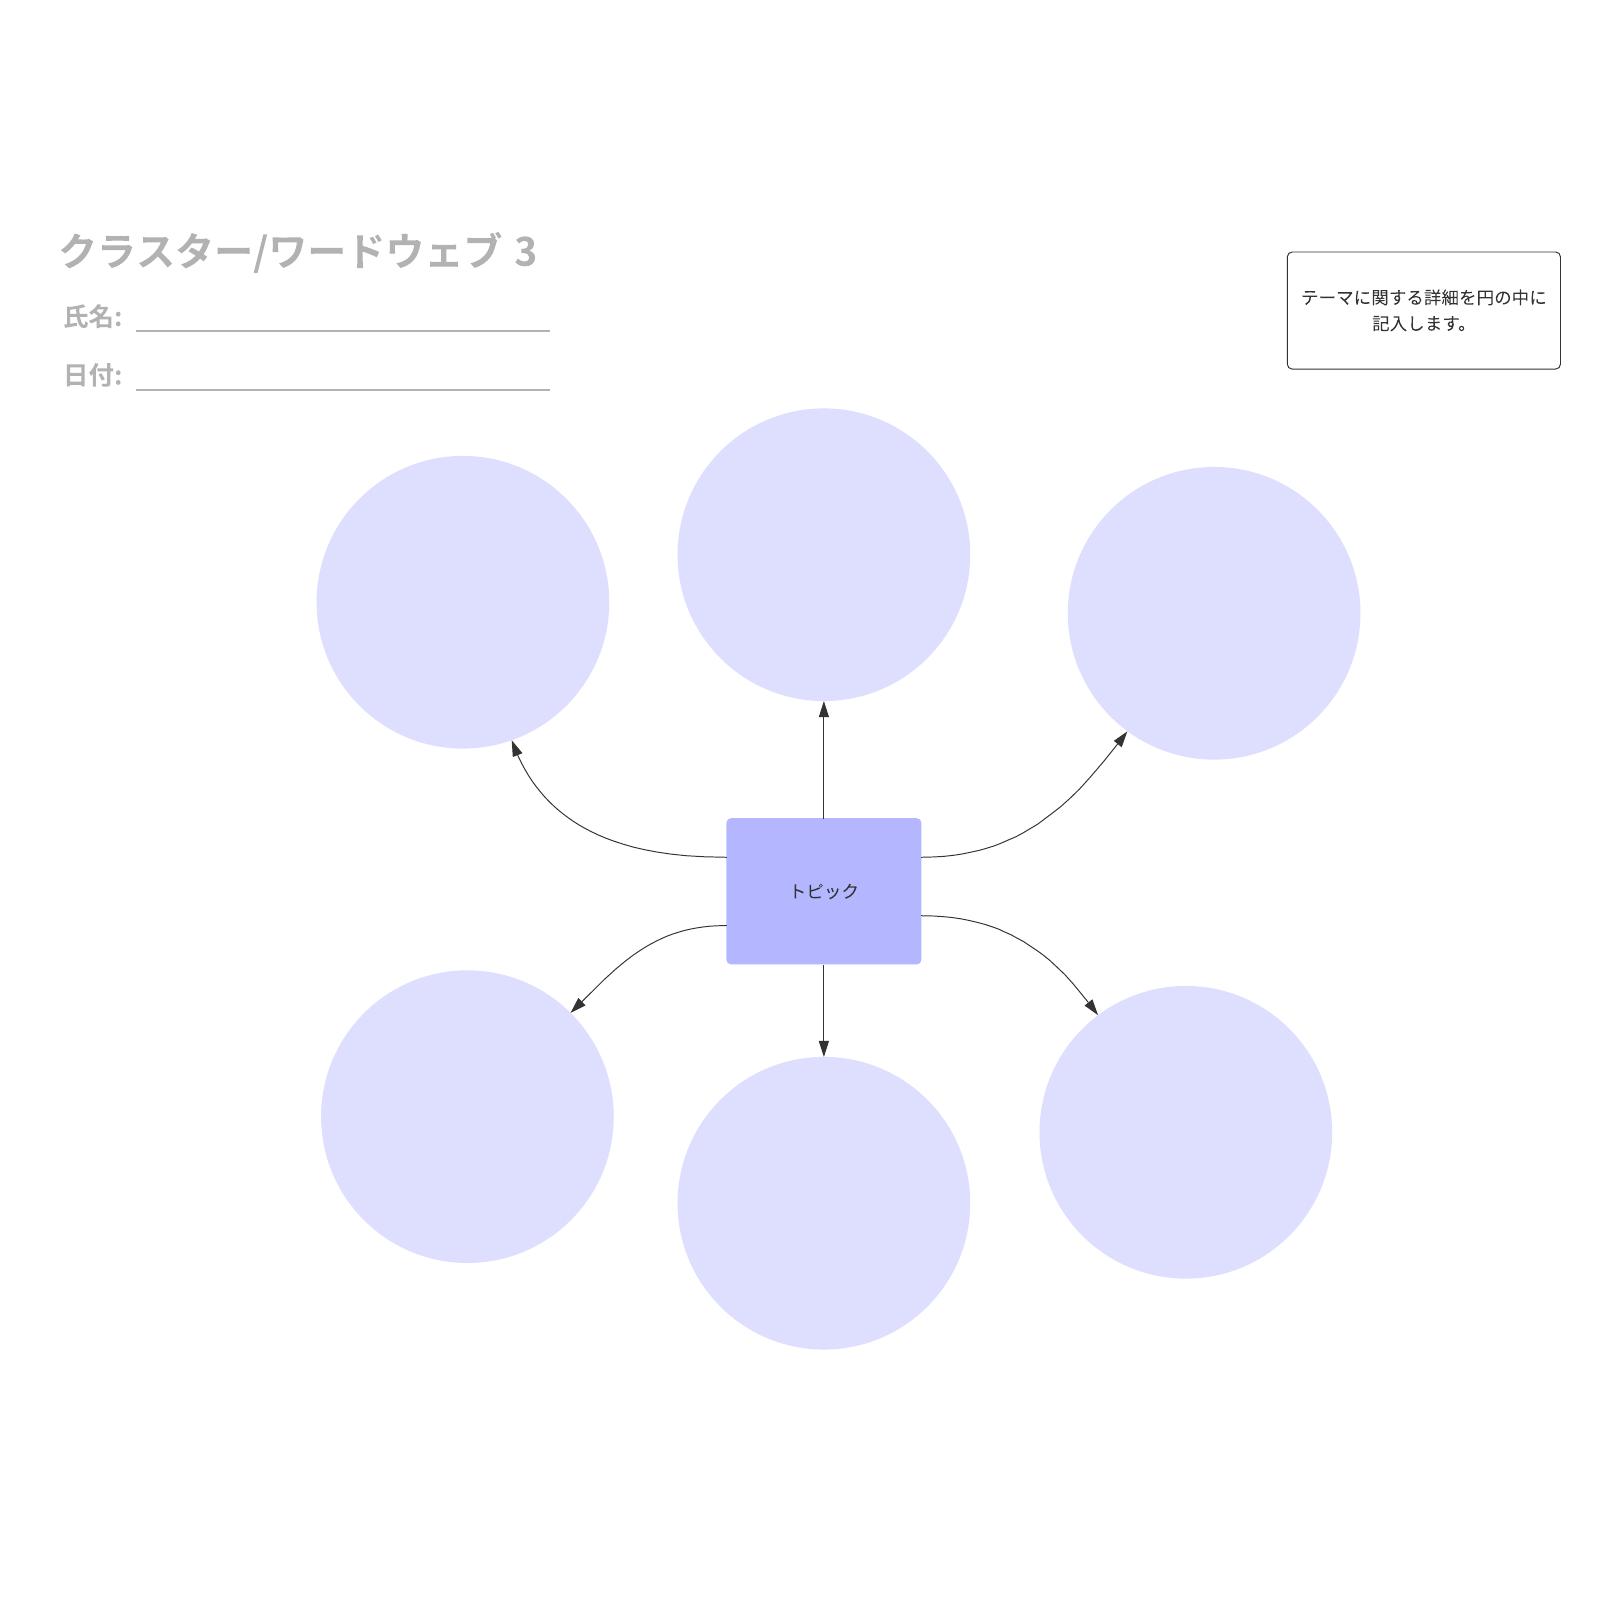 ワードウェブ参考テンプレート